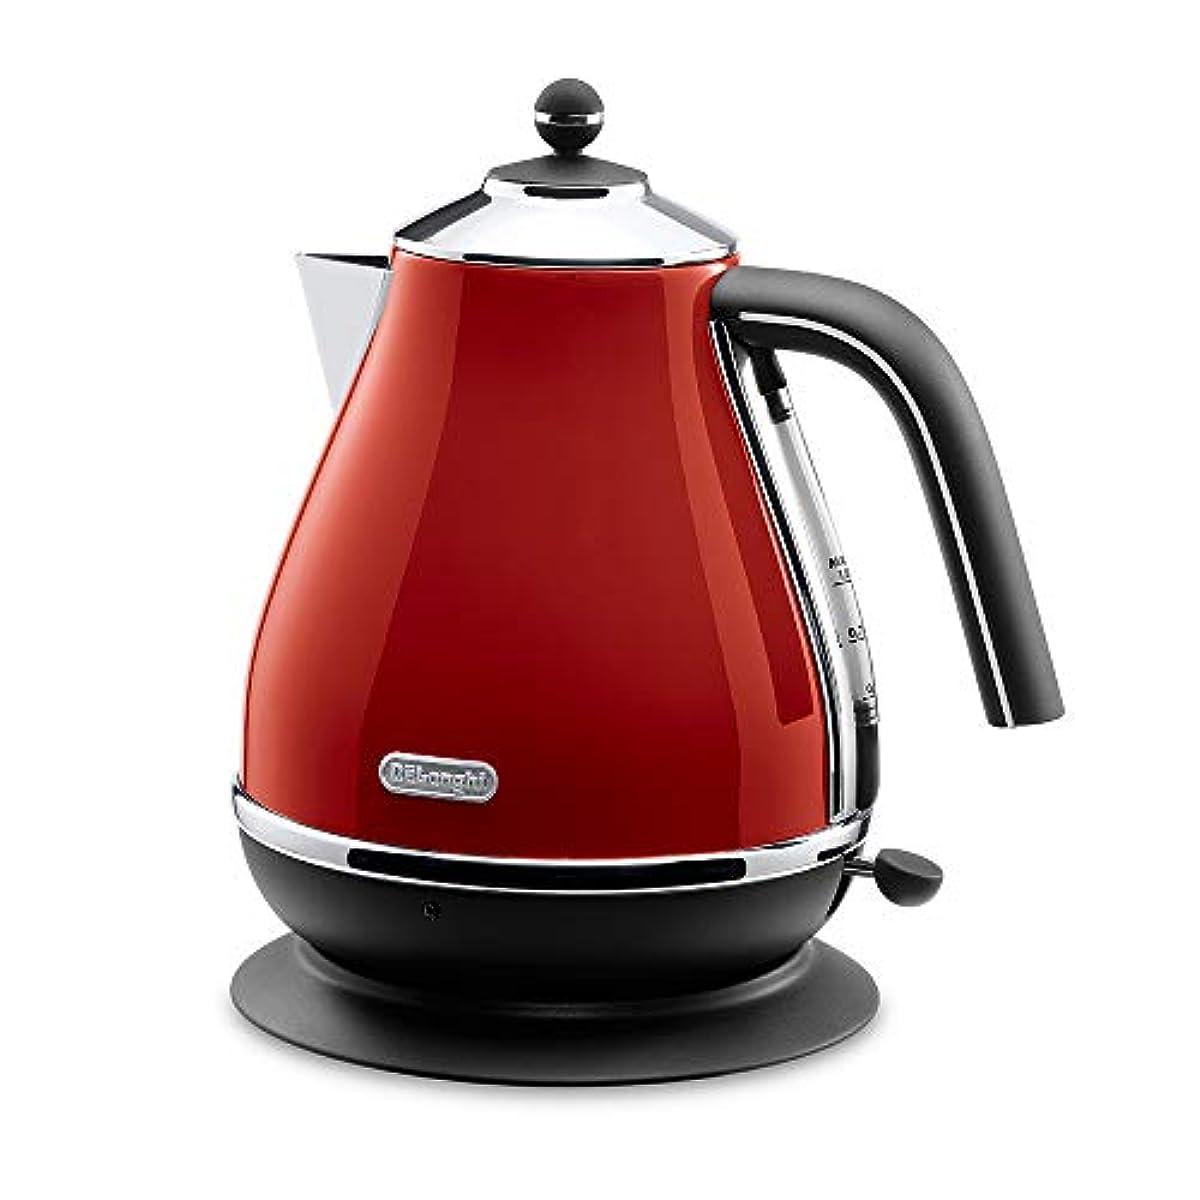 [해외] 드롱기(De'Longhi)(DELONGHI) 아이고나콜렉션 전기 주전자(케틀.kettle) 레드 1.0L KBO1200J-R